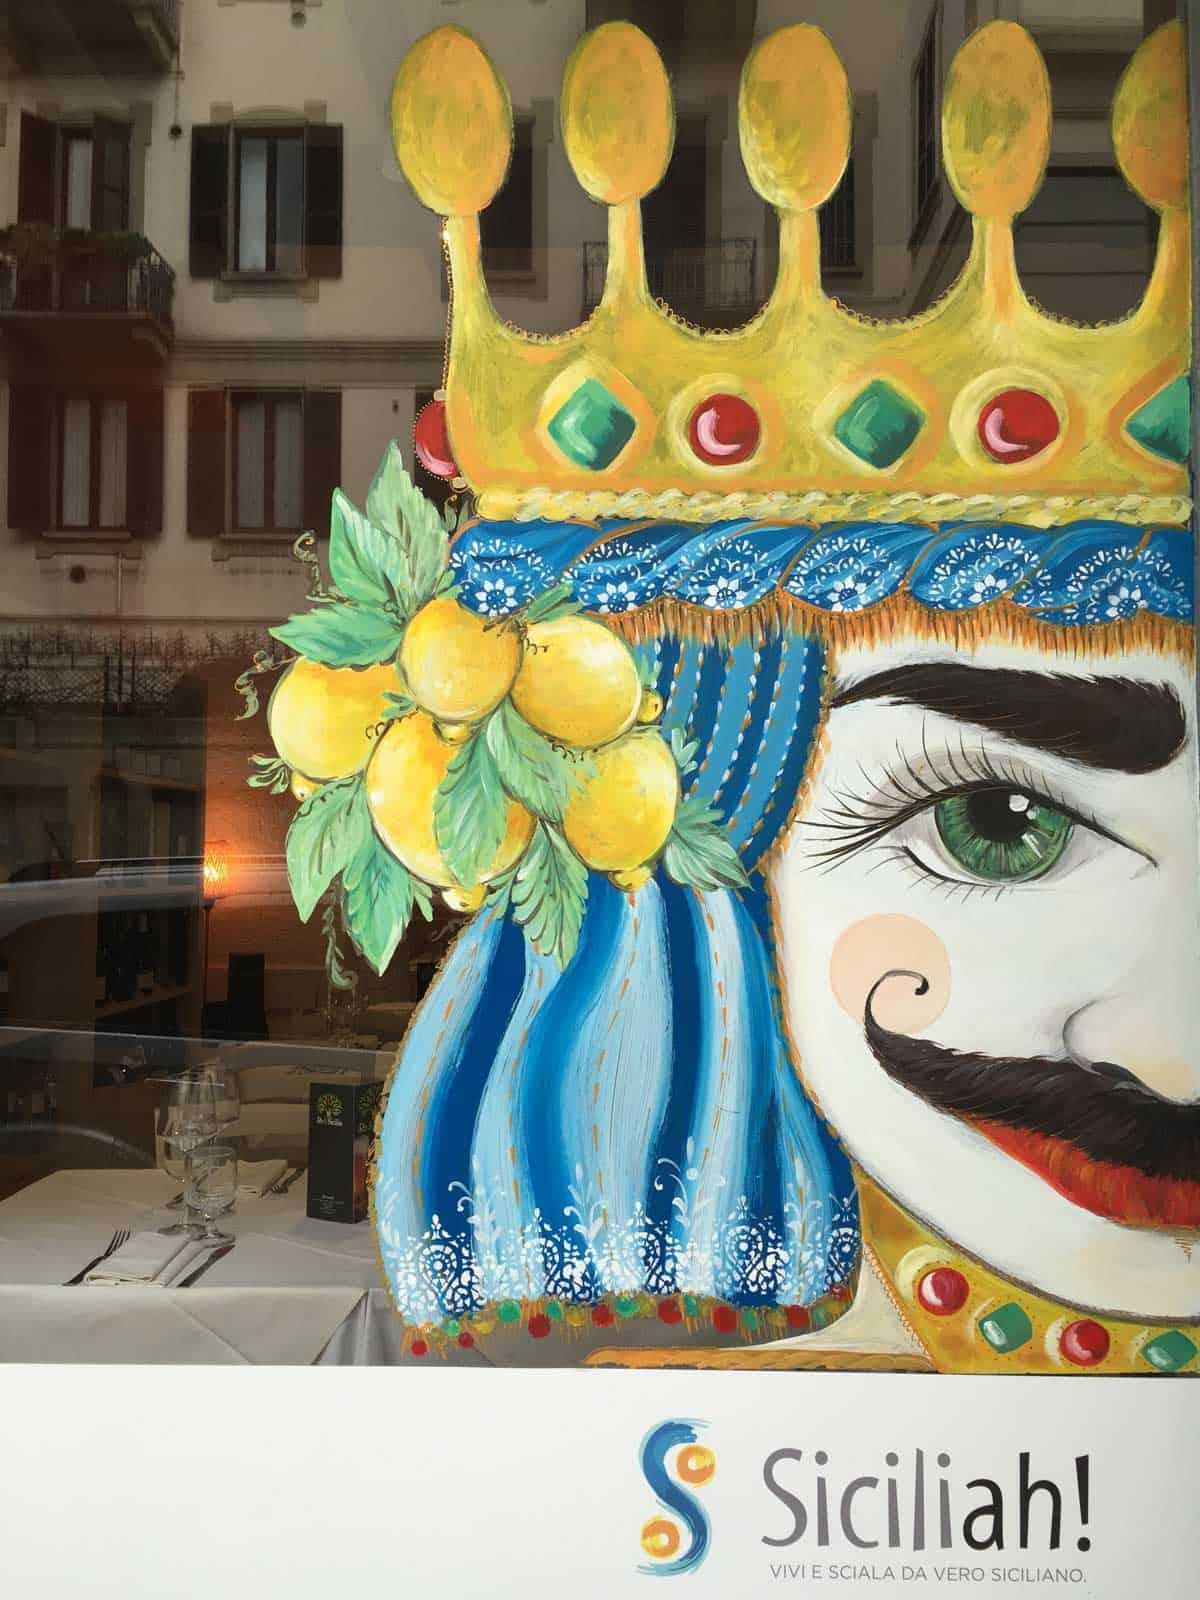 Ristorante siciliano Milano, da SiciliAh tutti i sapori dell'isola